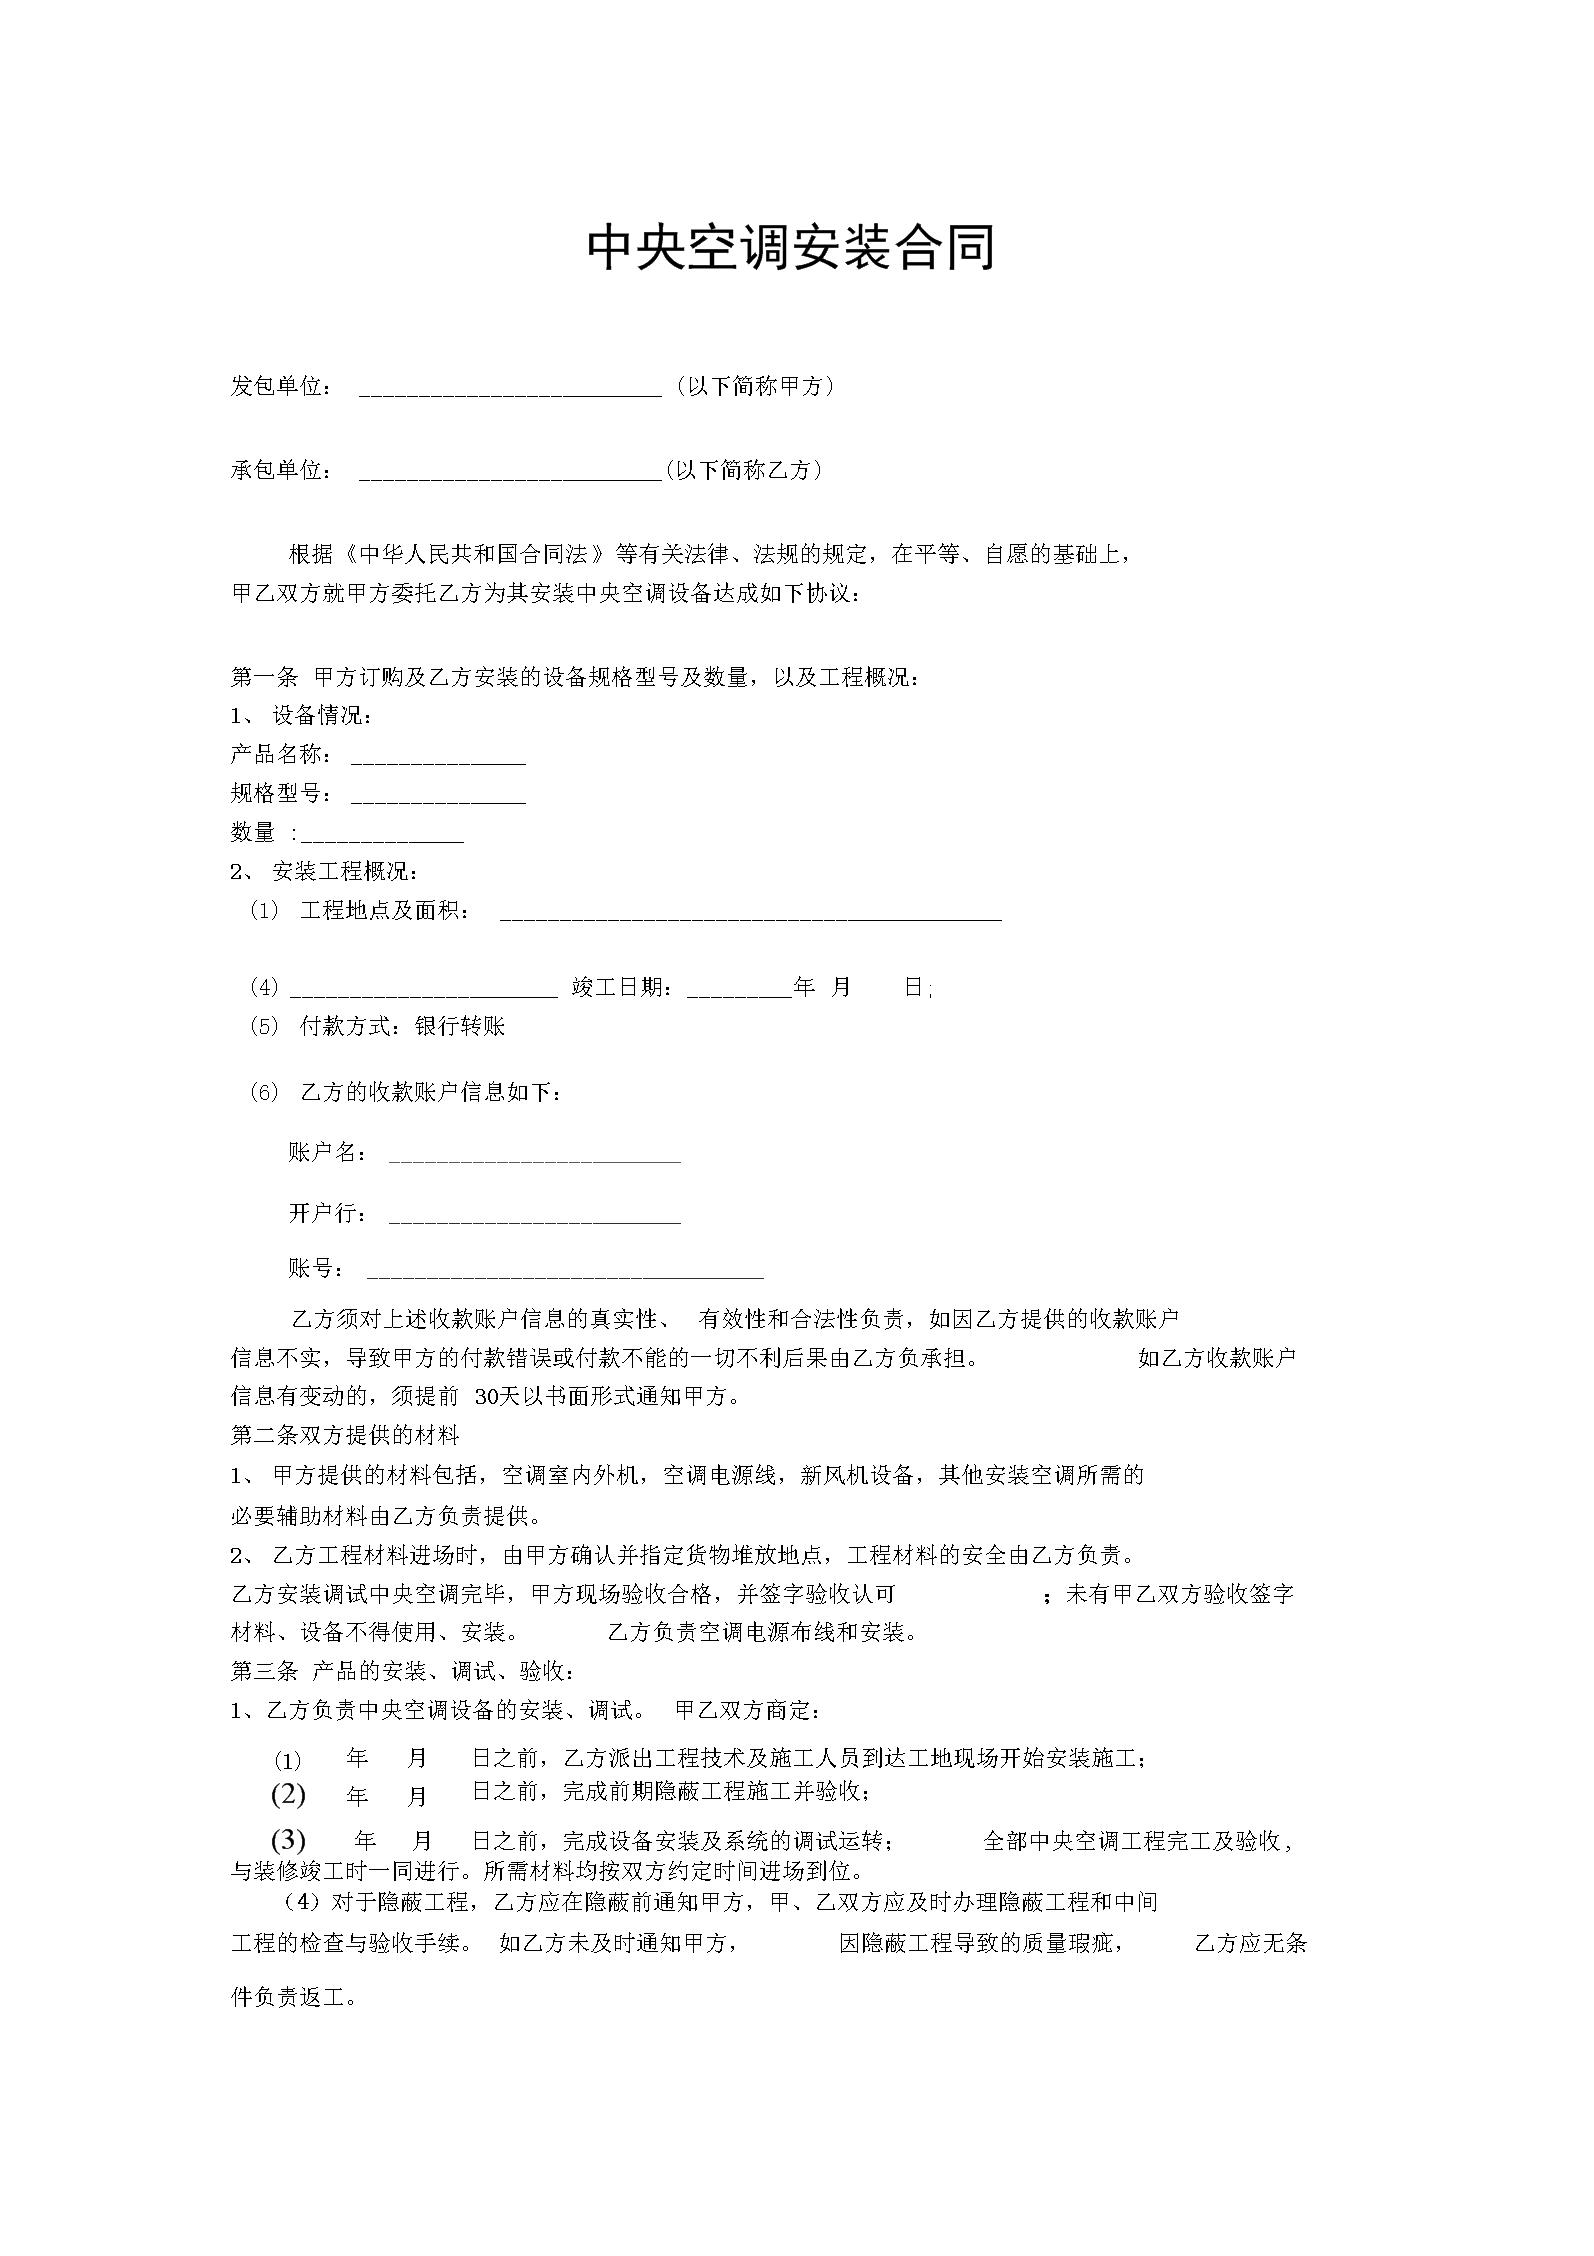 中央空调安装合同.docx